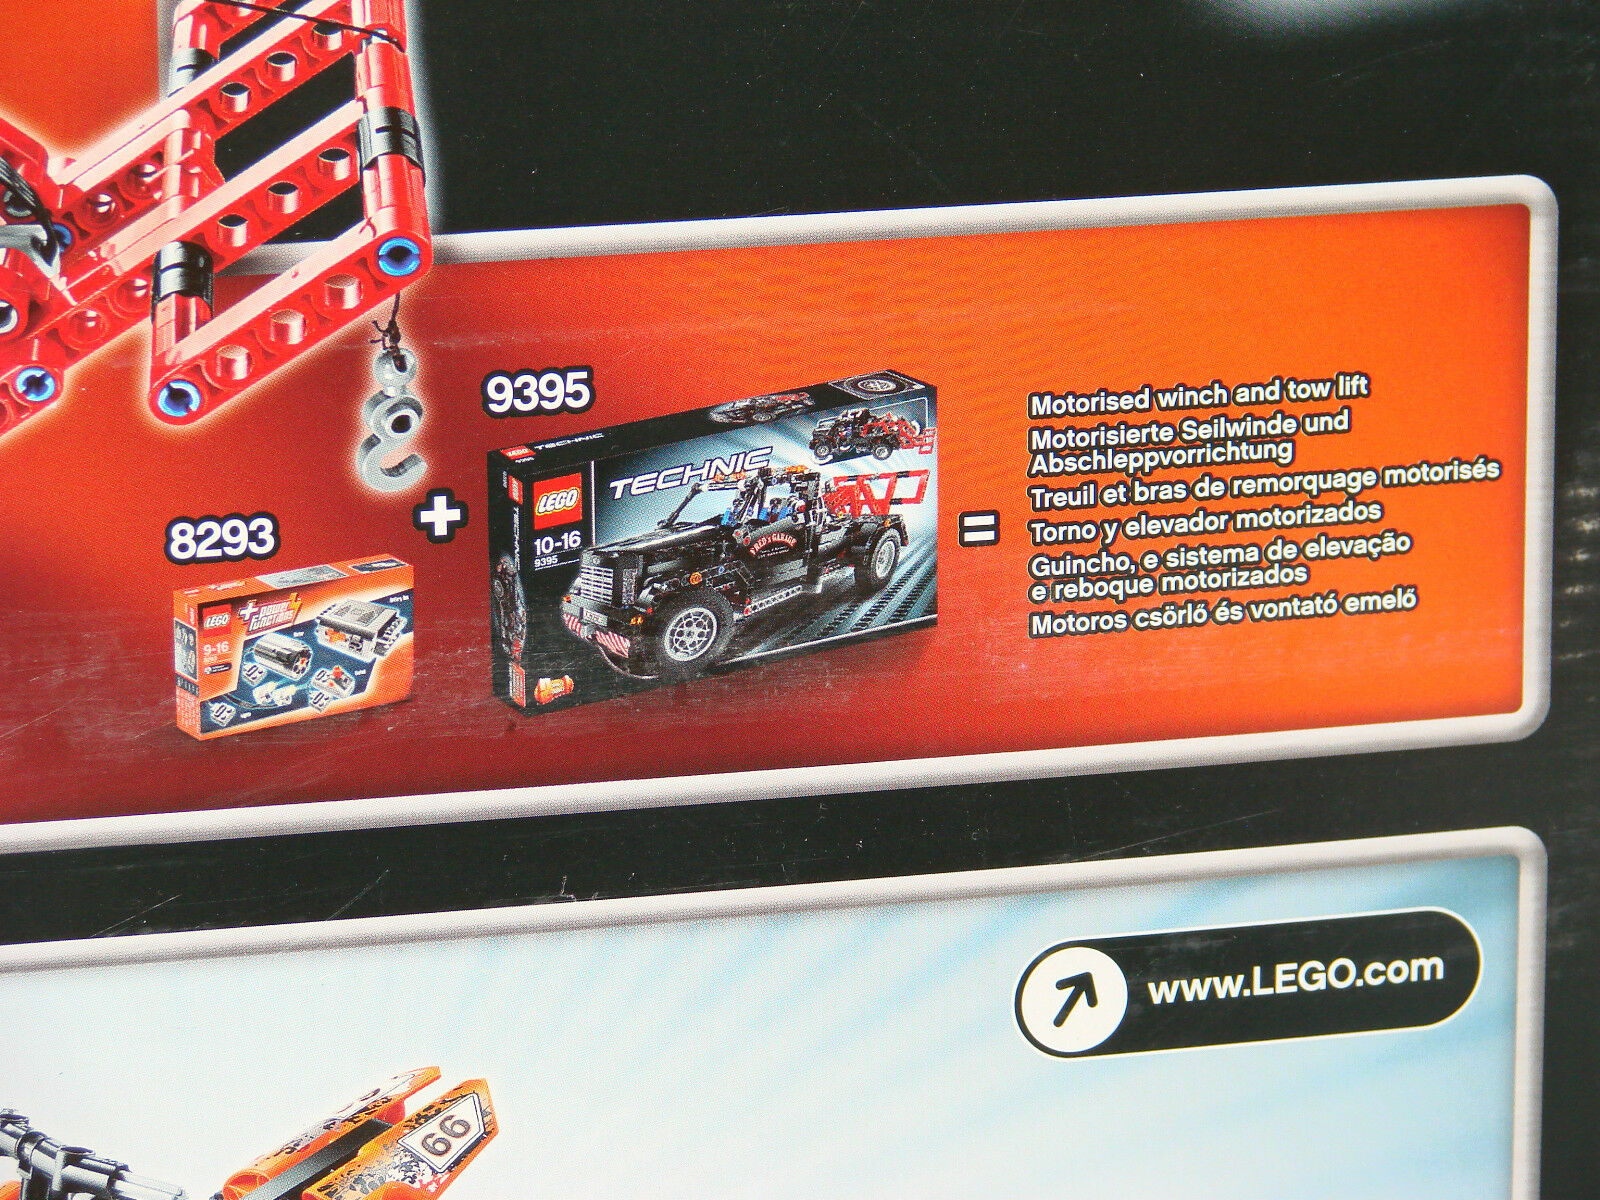 LEGO® Technic 66433 Super Pack 3 in1 NEU NEU NEU OVP_Motoristed Winch (9395+9392+8293) 2ad05f